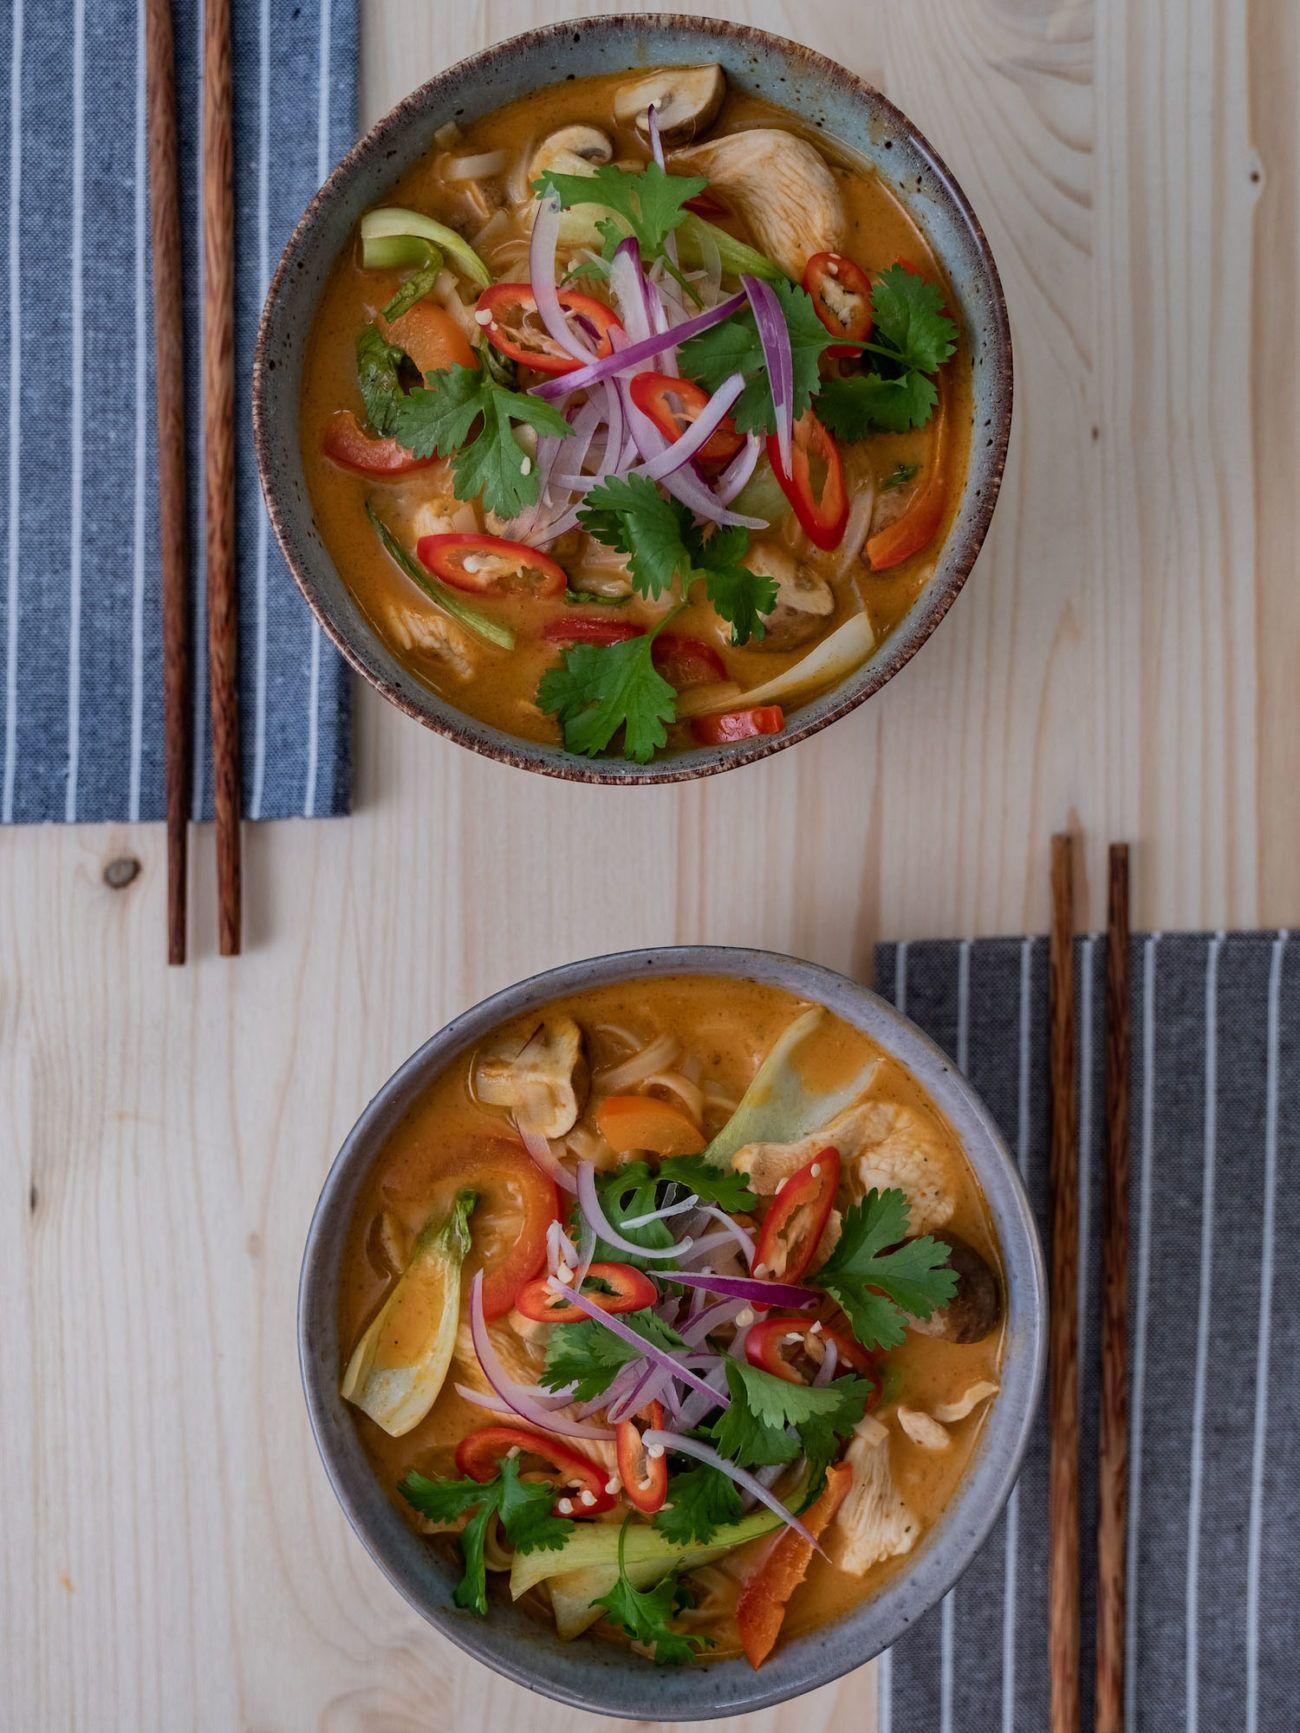 Scharfe Rote-Curry-Suppe mit Reisnudeln und Hähnchen, Stäbchen, Servietten